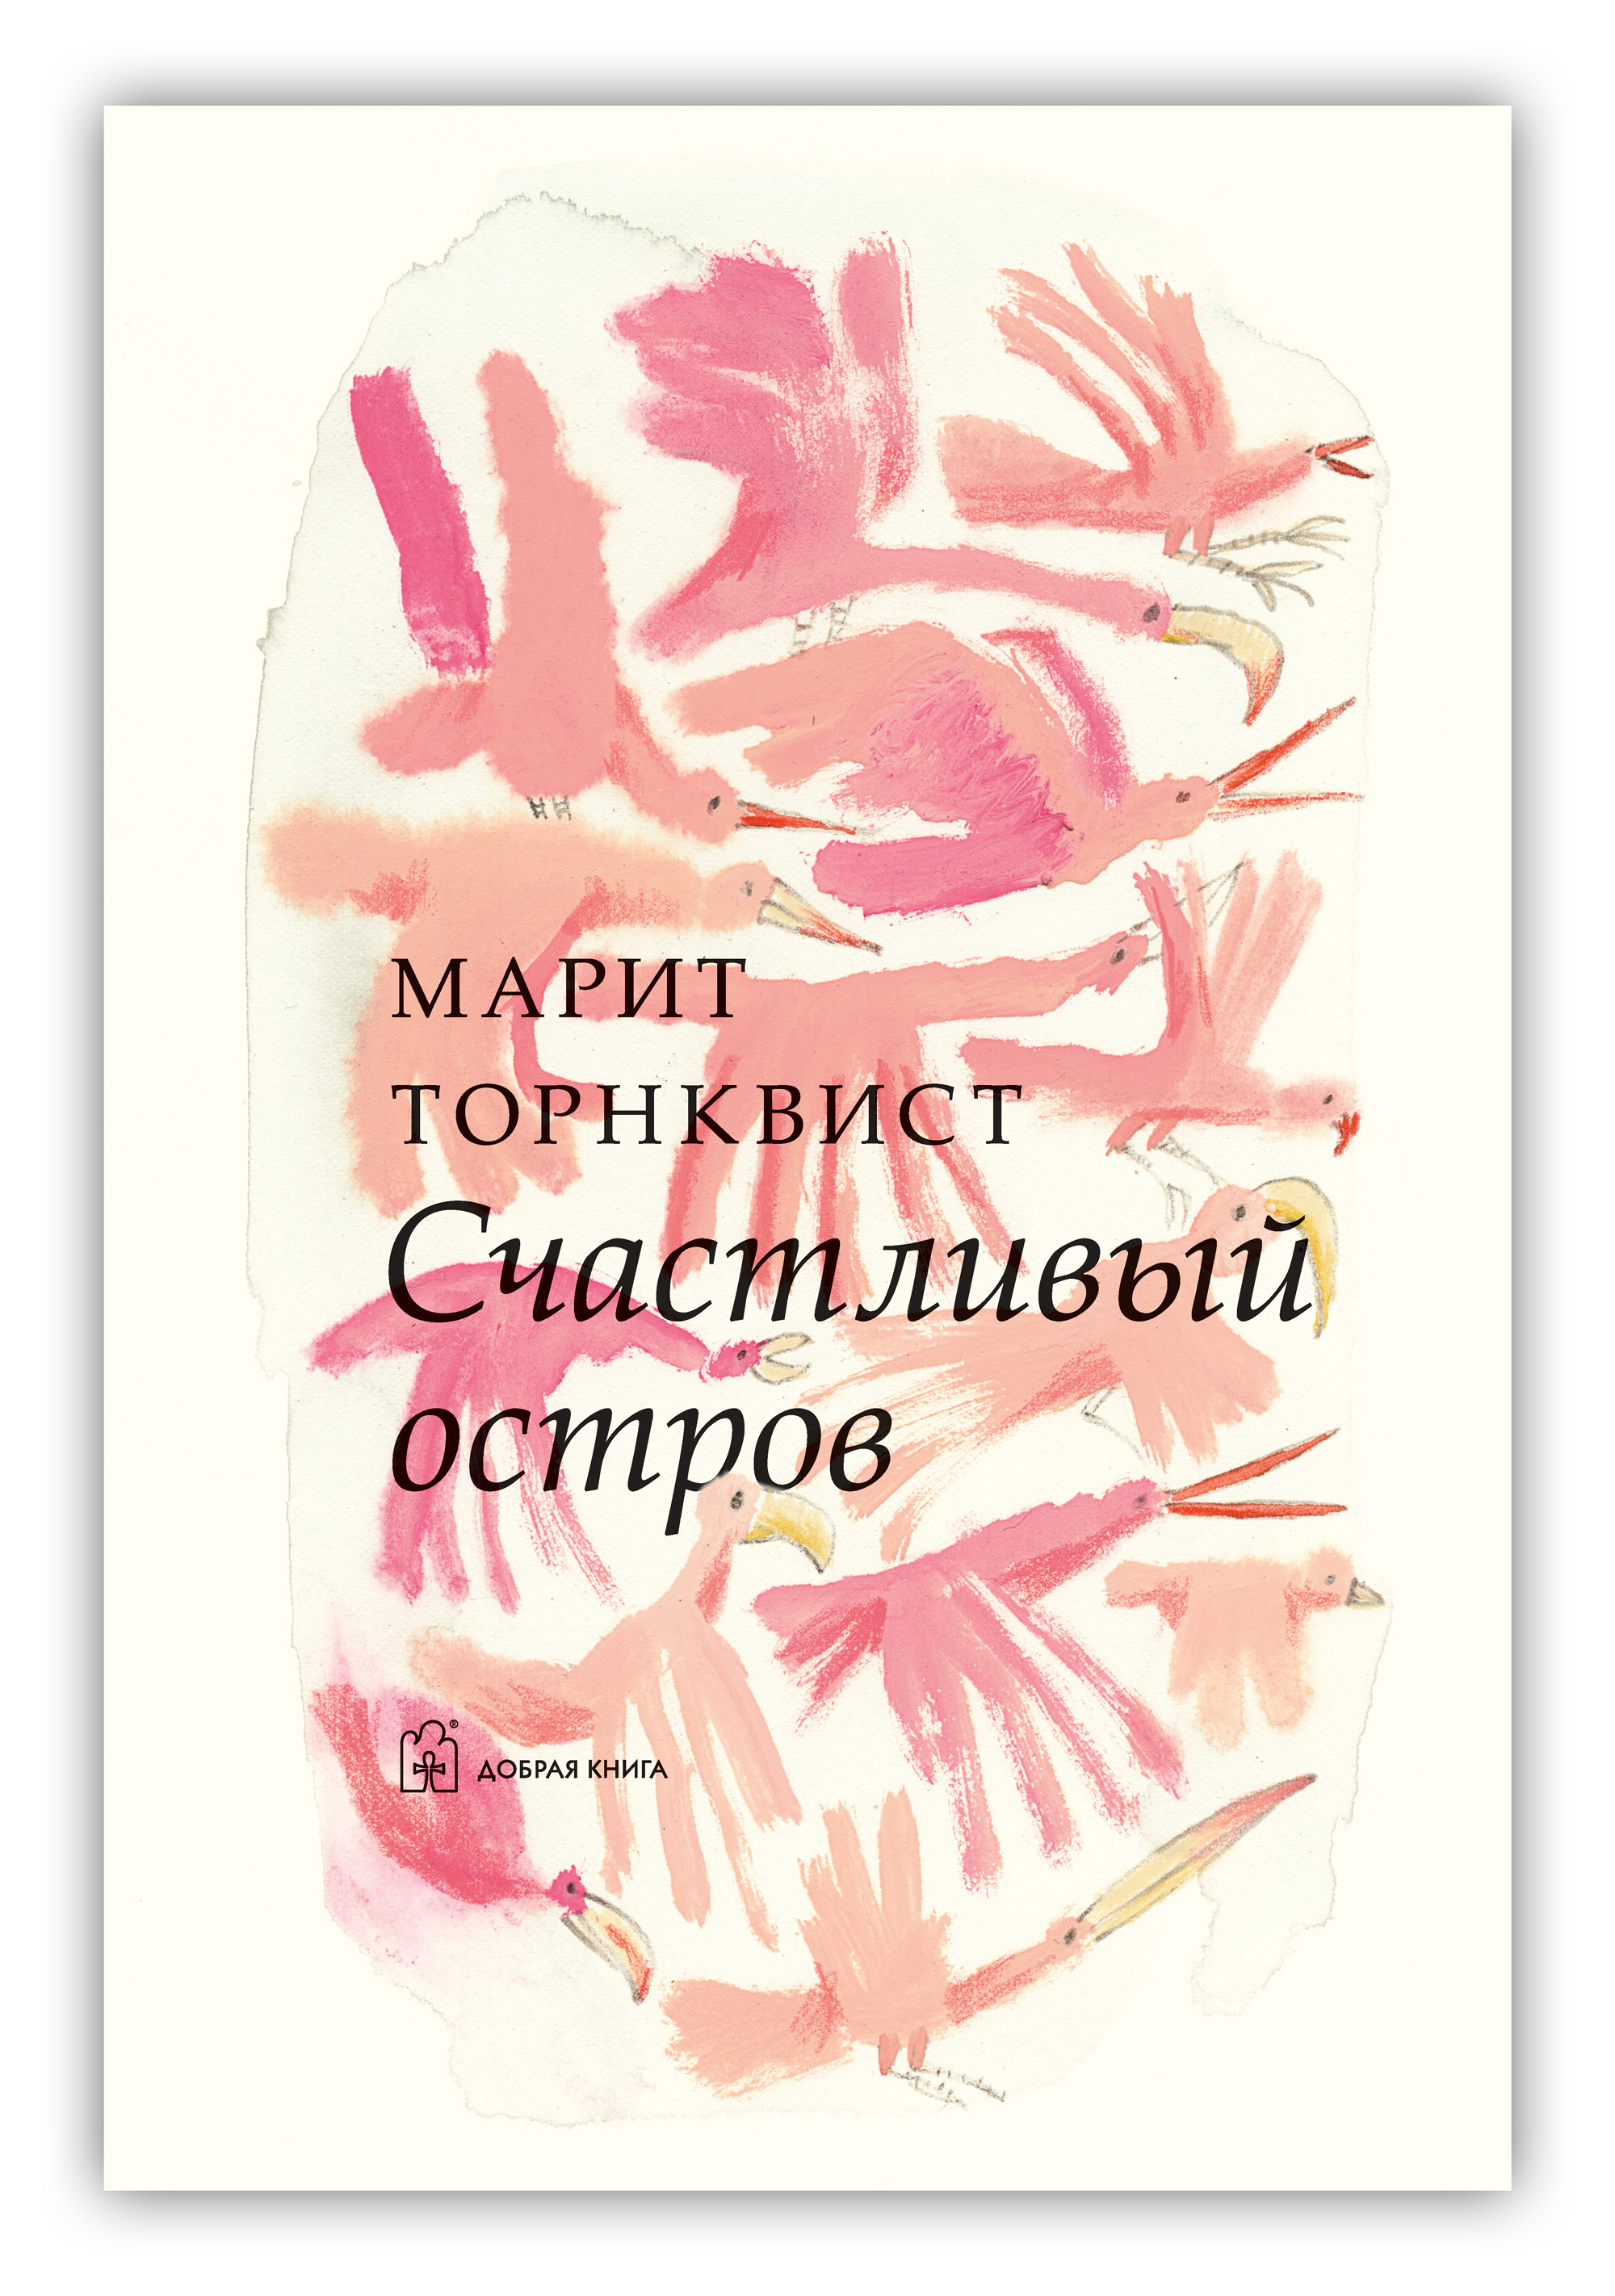 Марит Торнквист Счастливый остров (иллюстрации Марит Торнквист) астрид линдгрен как адам энгельбрект разбушевался иллюстрации марит торнквист